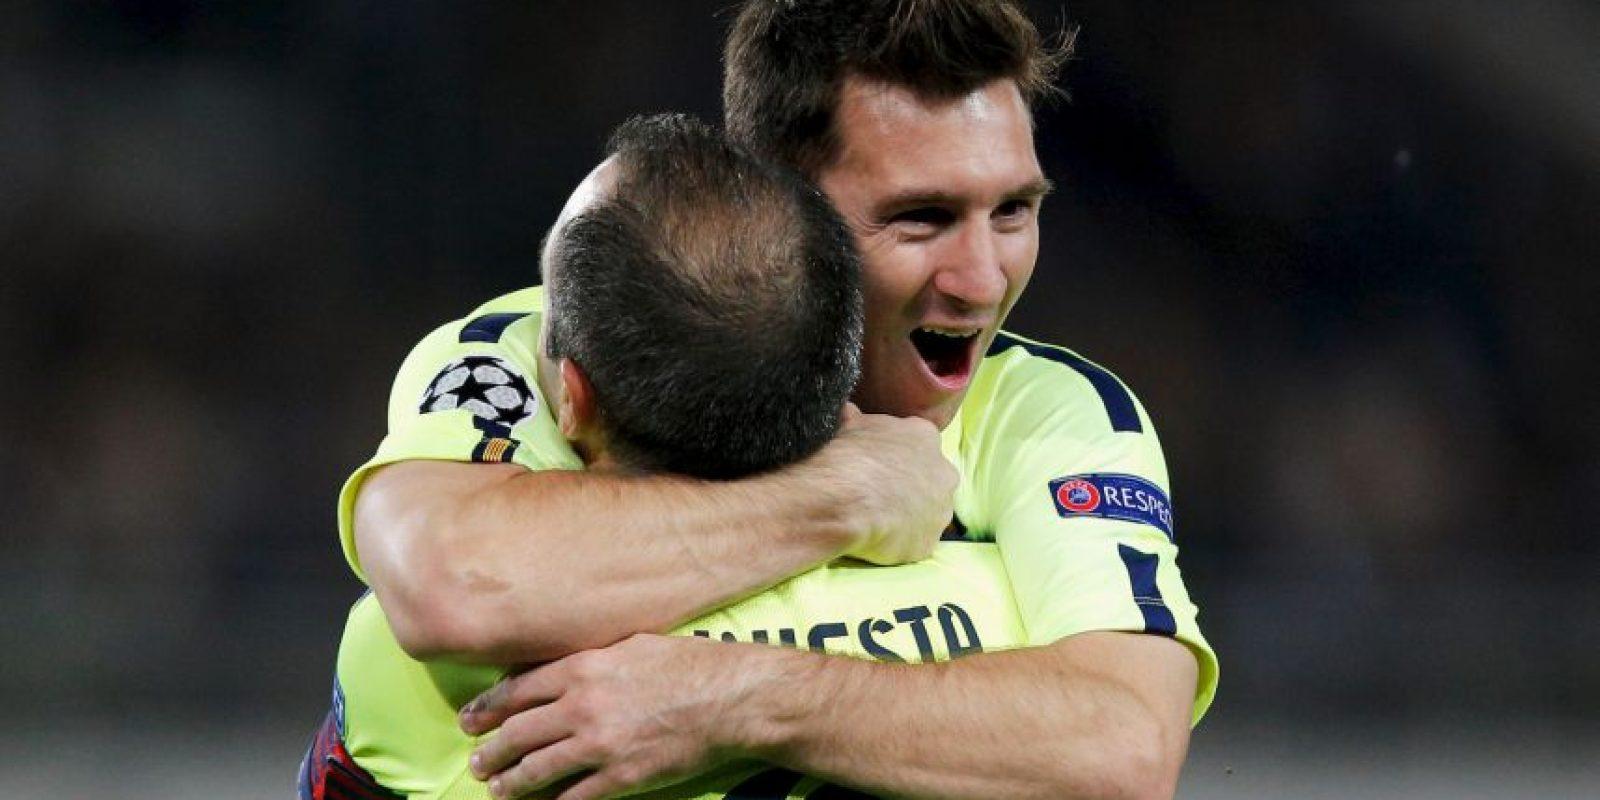 ¿Cuántos títulos internacionales ganaron con su club o selección? Foto:Getty Images